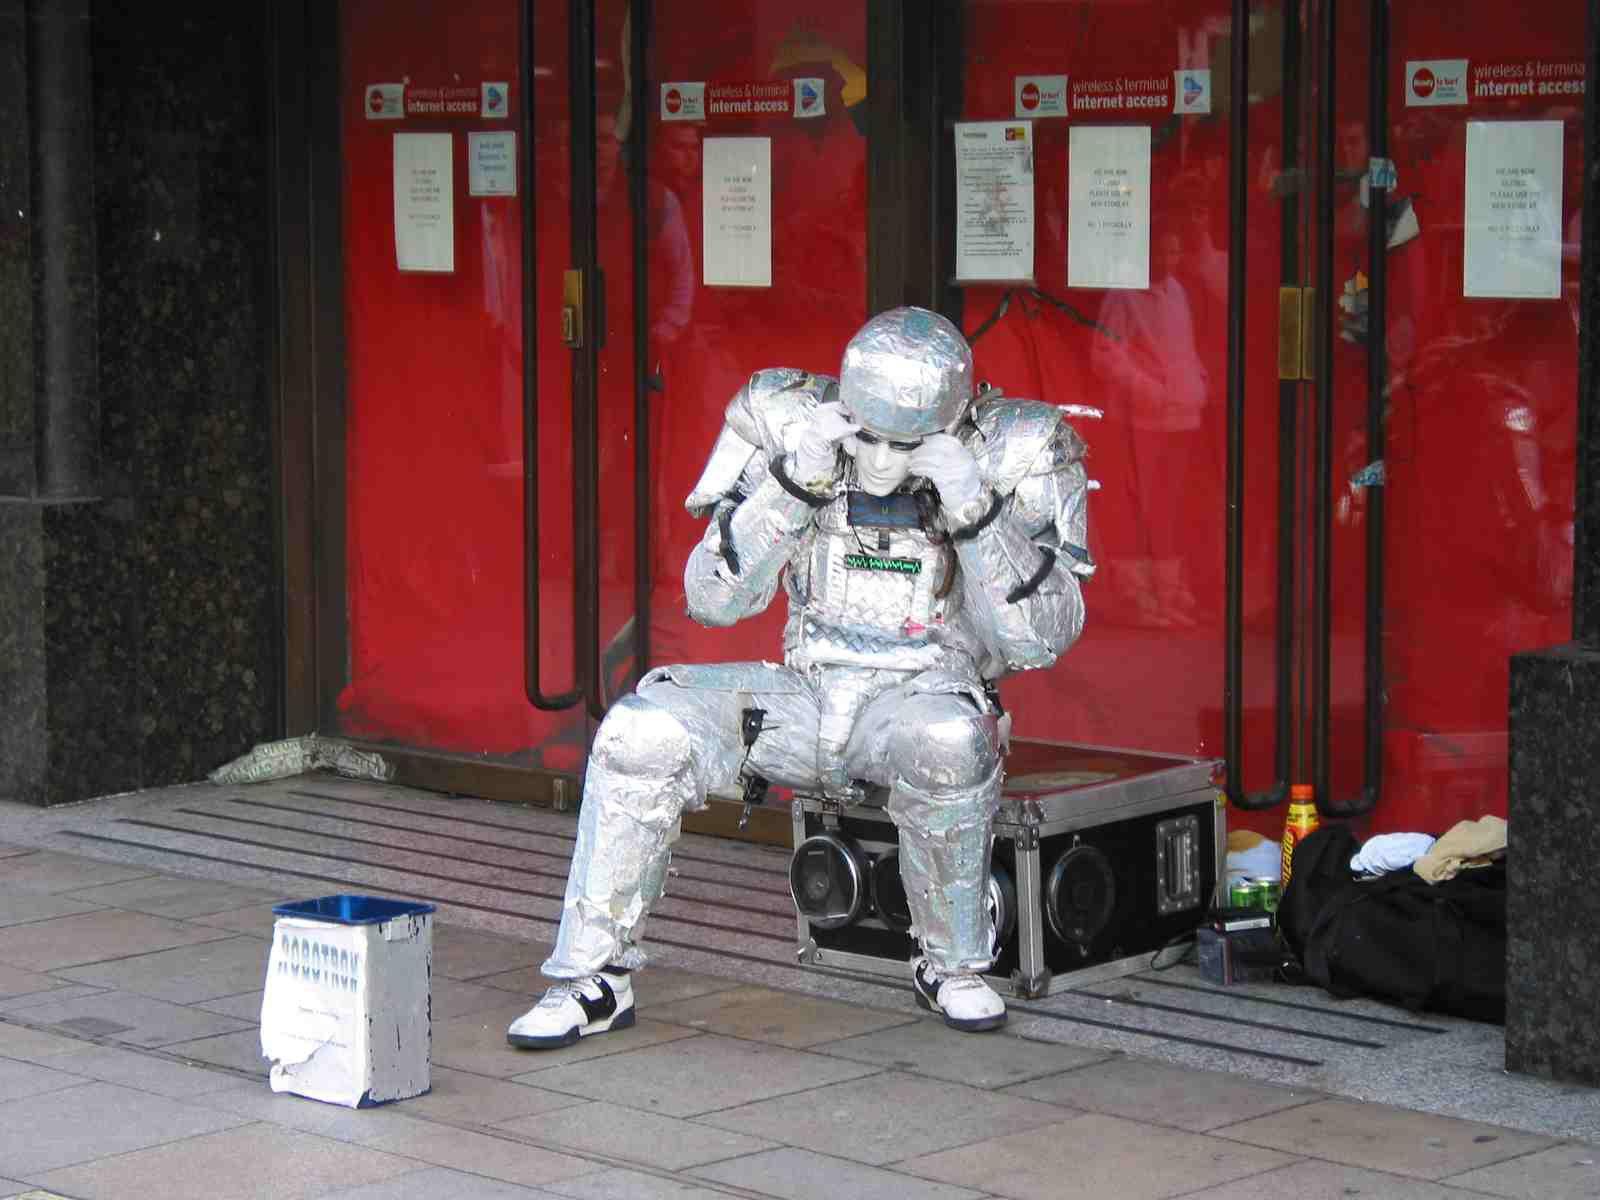 Robo-man